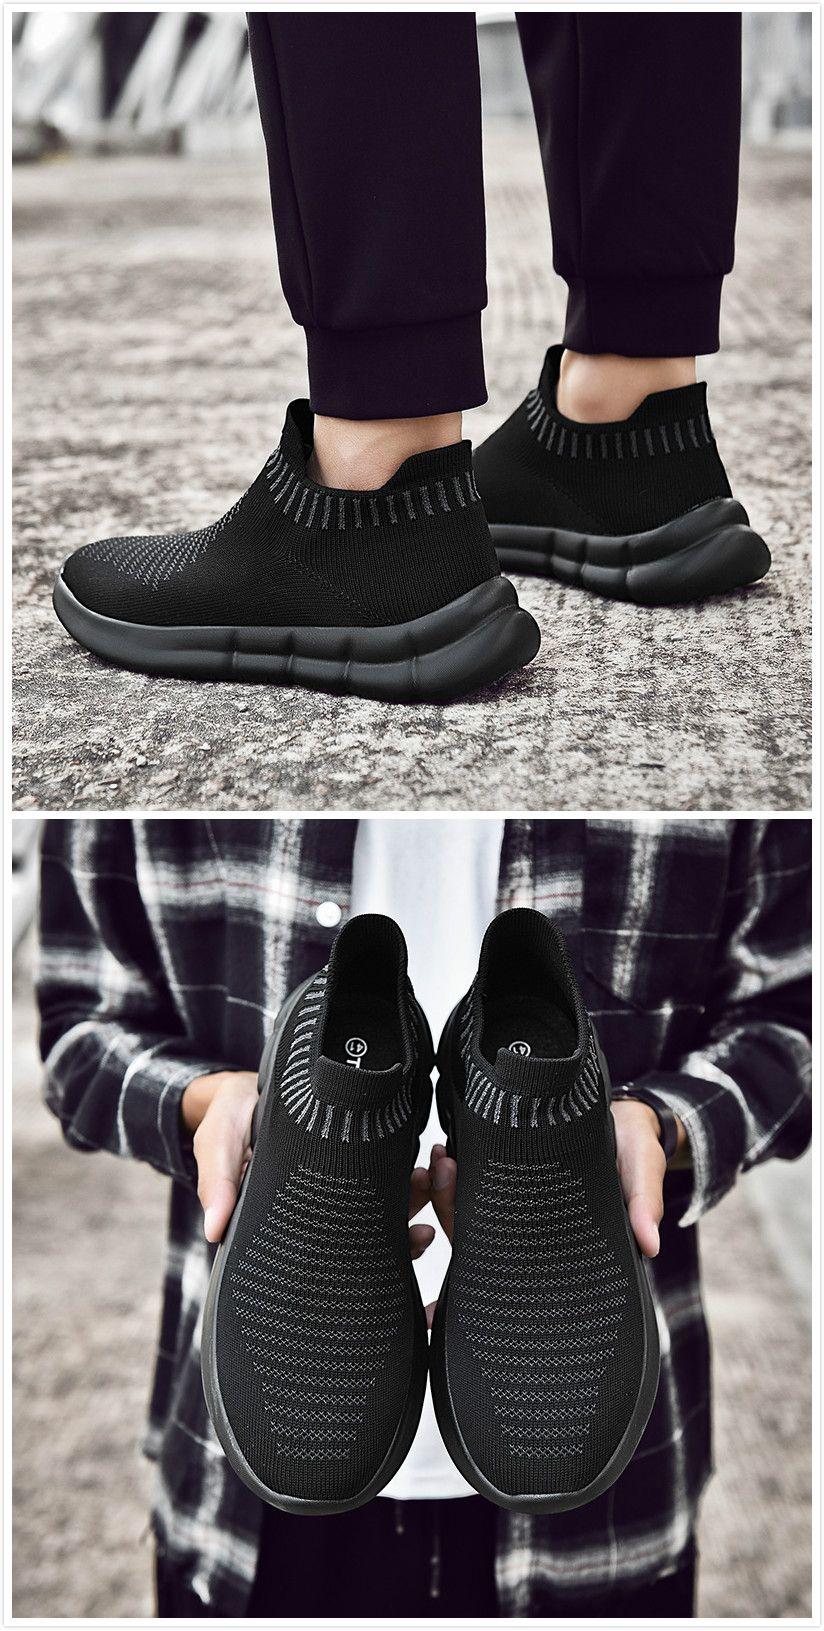 TIOSEBON Mens Running Sneakers